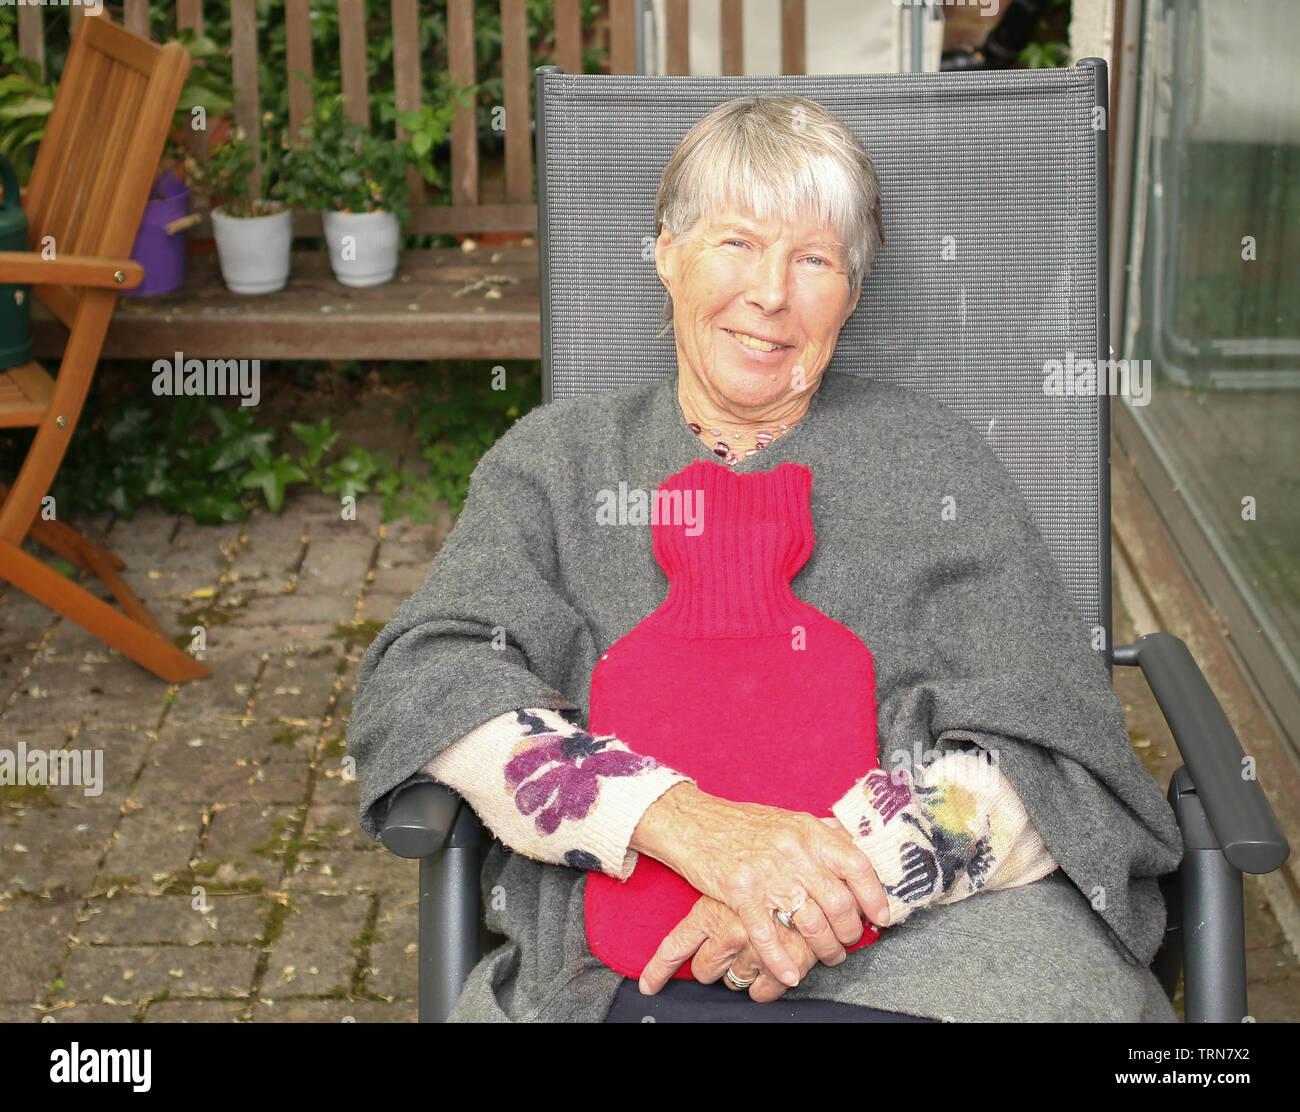 OAP, donna seduta al sole con bottiglie di acqua calda. Immagini Stock